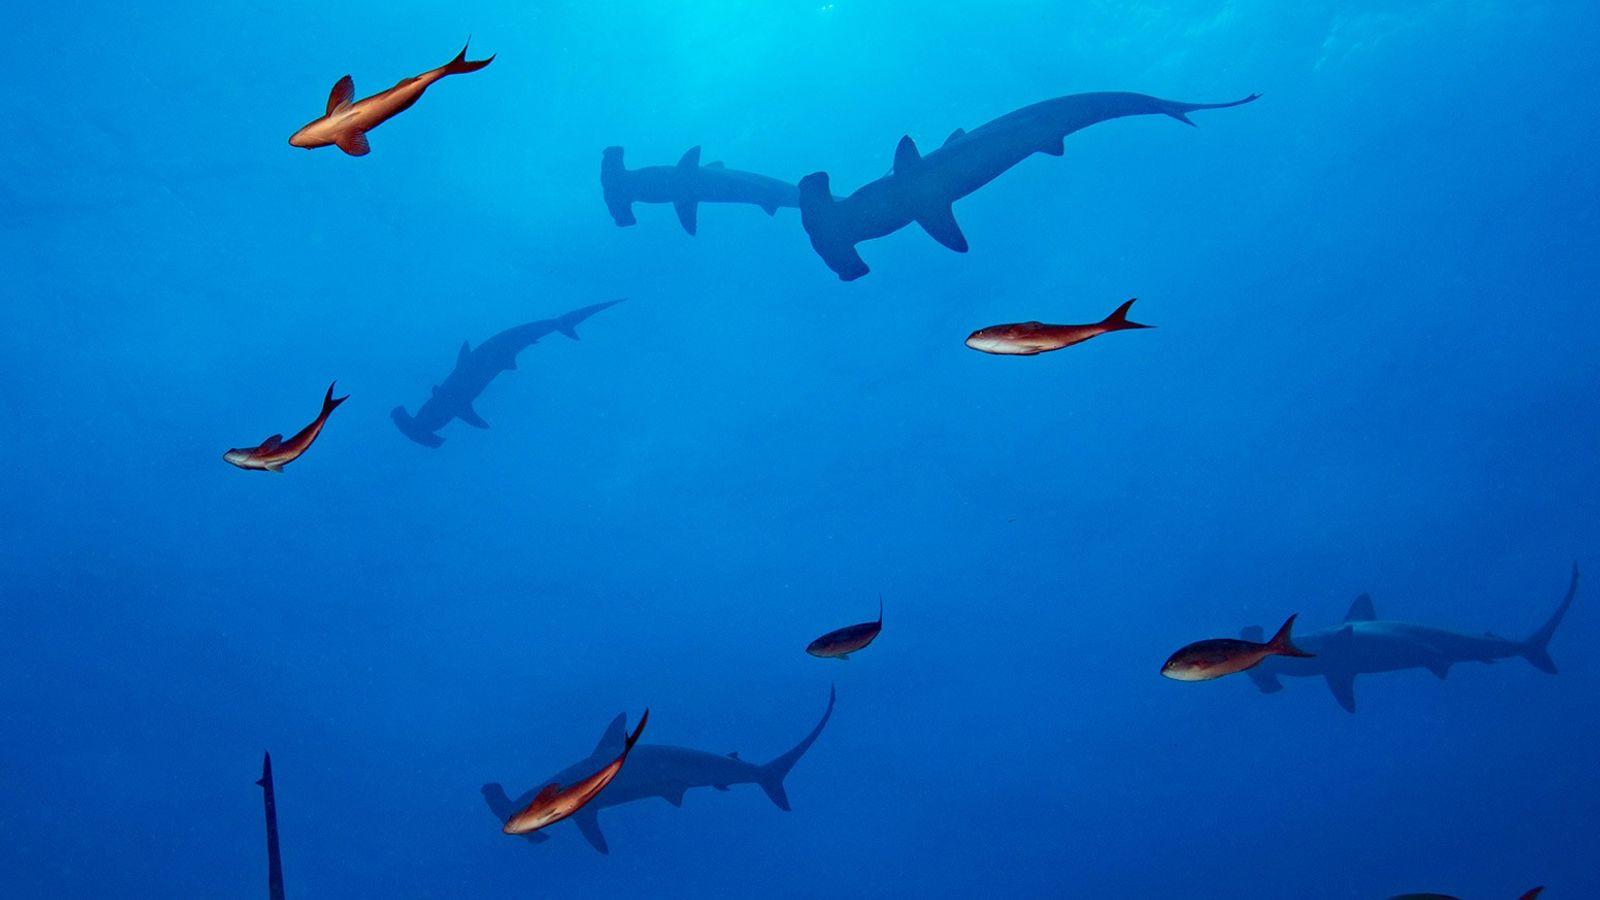 Les requins-marteaux halicornes (Sphyrna lewini) sont connus pour former de grands bancs. Les scientifiques tentent de ...